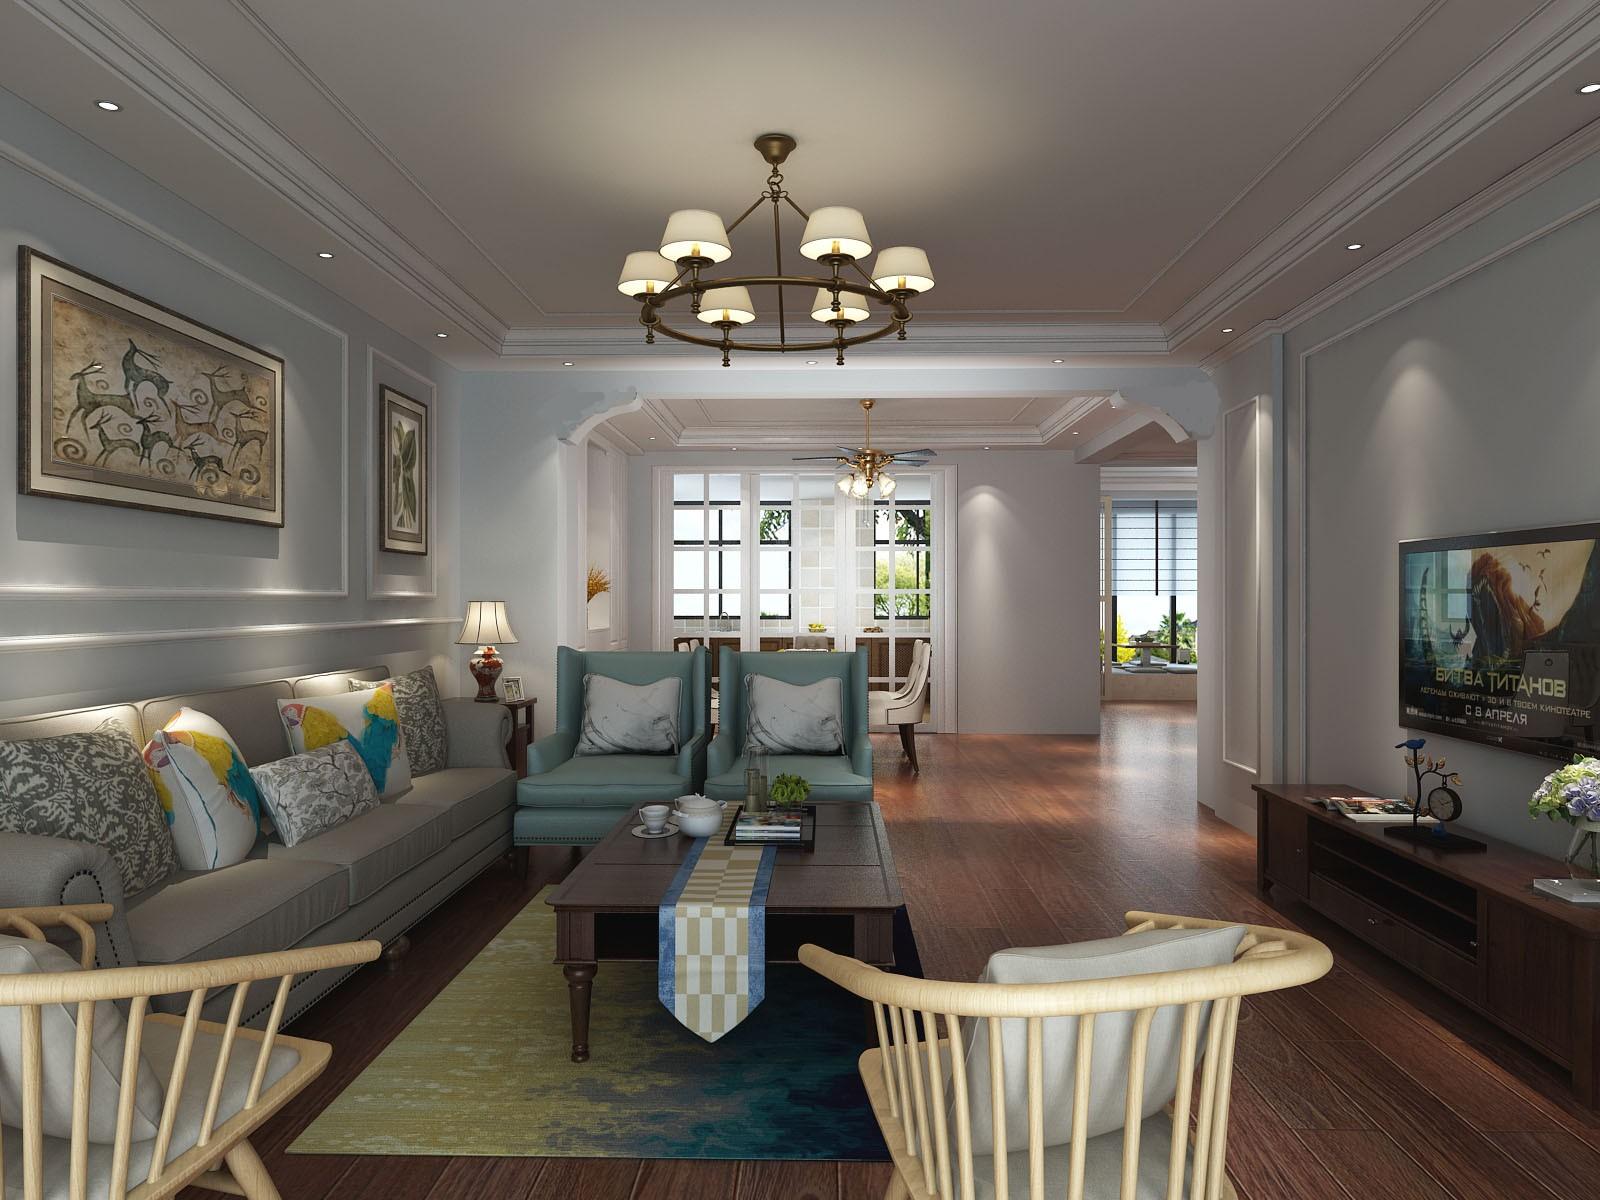 4室2衛2廳260平米現代簡約風格